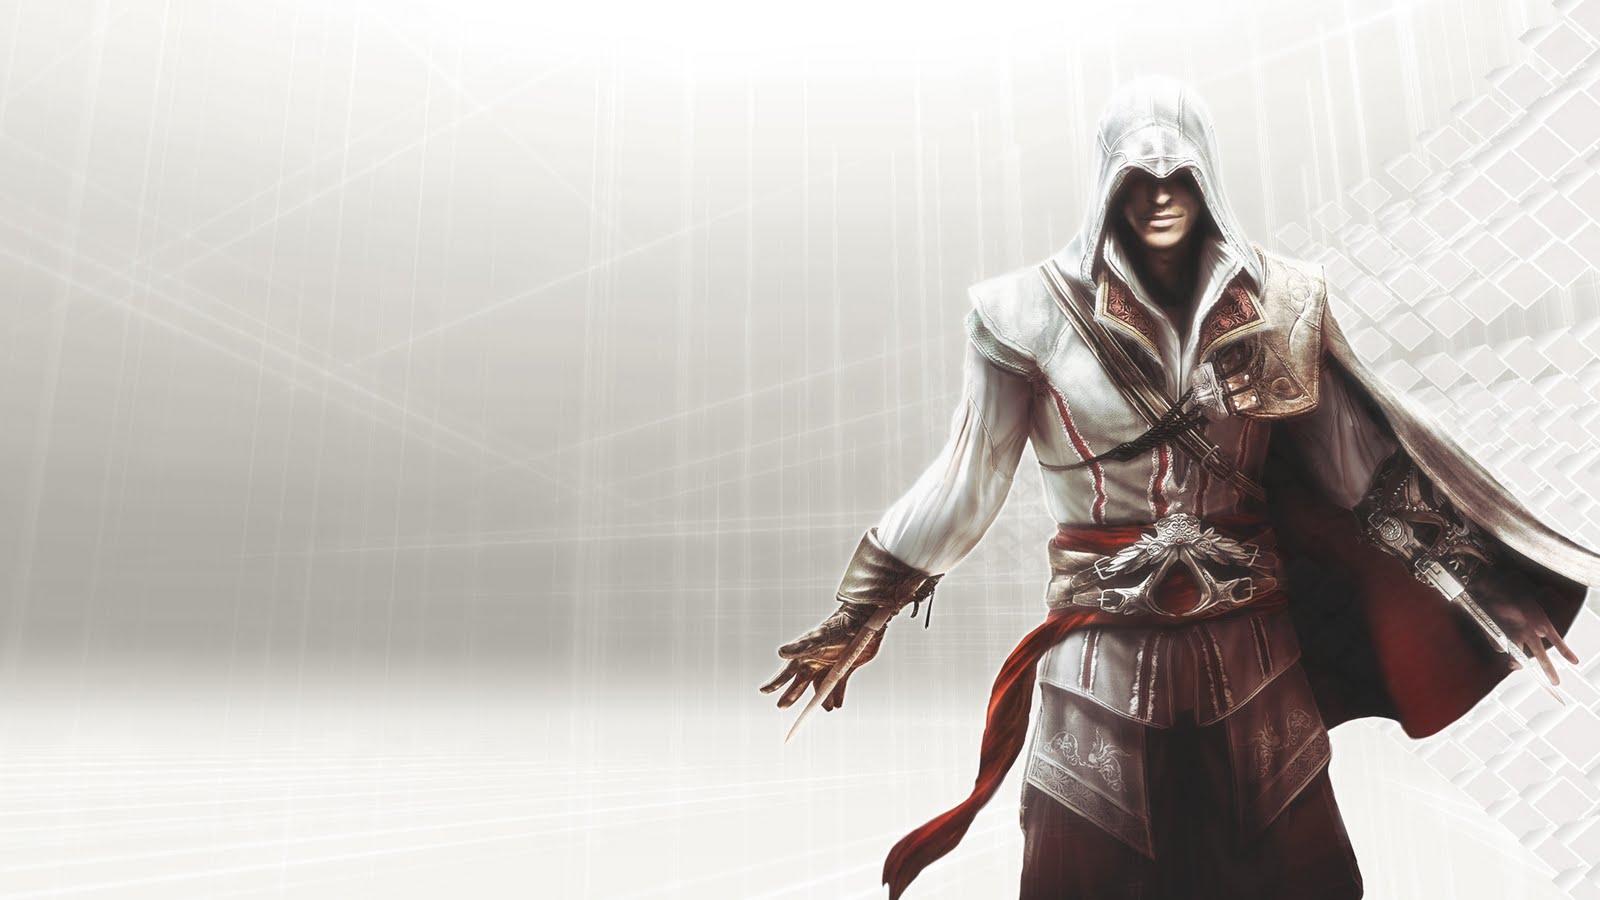 Assassins creed 3 wallpaper hdAssassins creed 3 wallpaperAssassin 1600x900